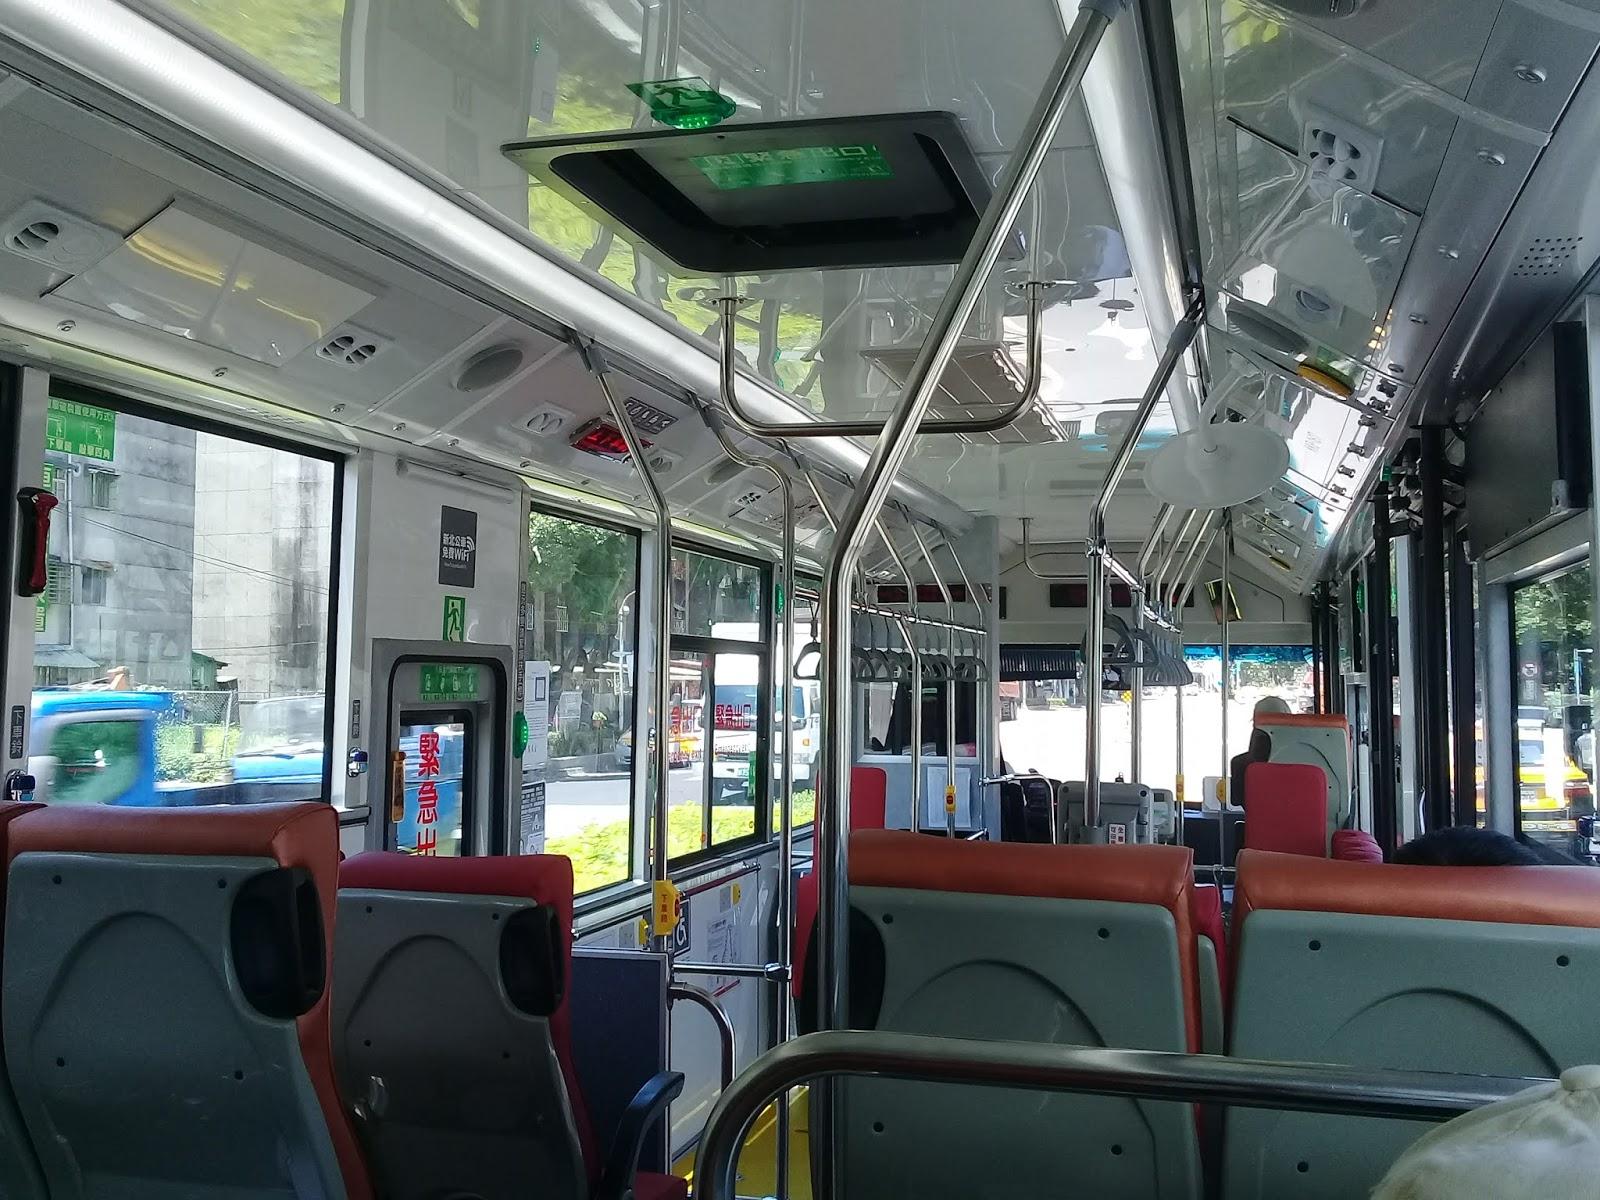 就是愛公車: 20200604 231 德霖科大-西門 搭乘紀錄